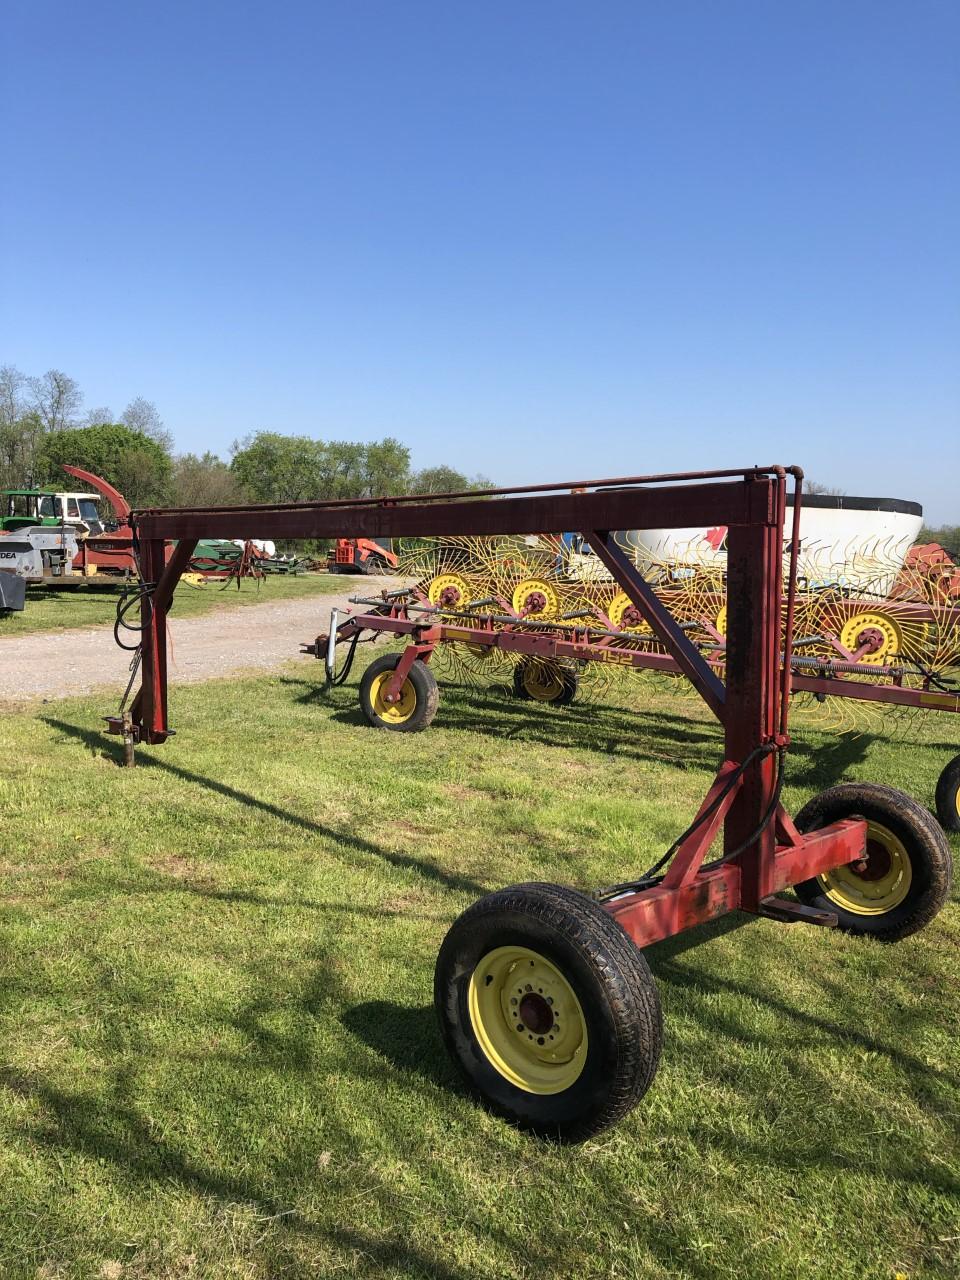 Used AGRI-LINK 10 $1,450.00